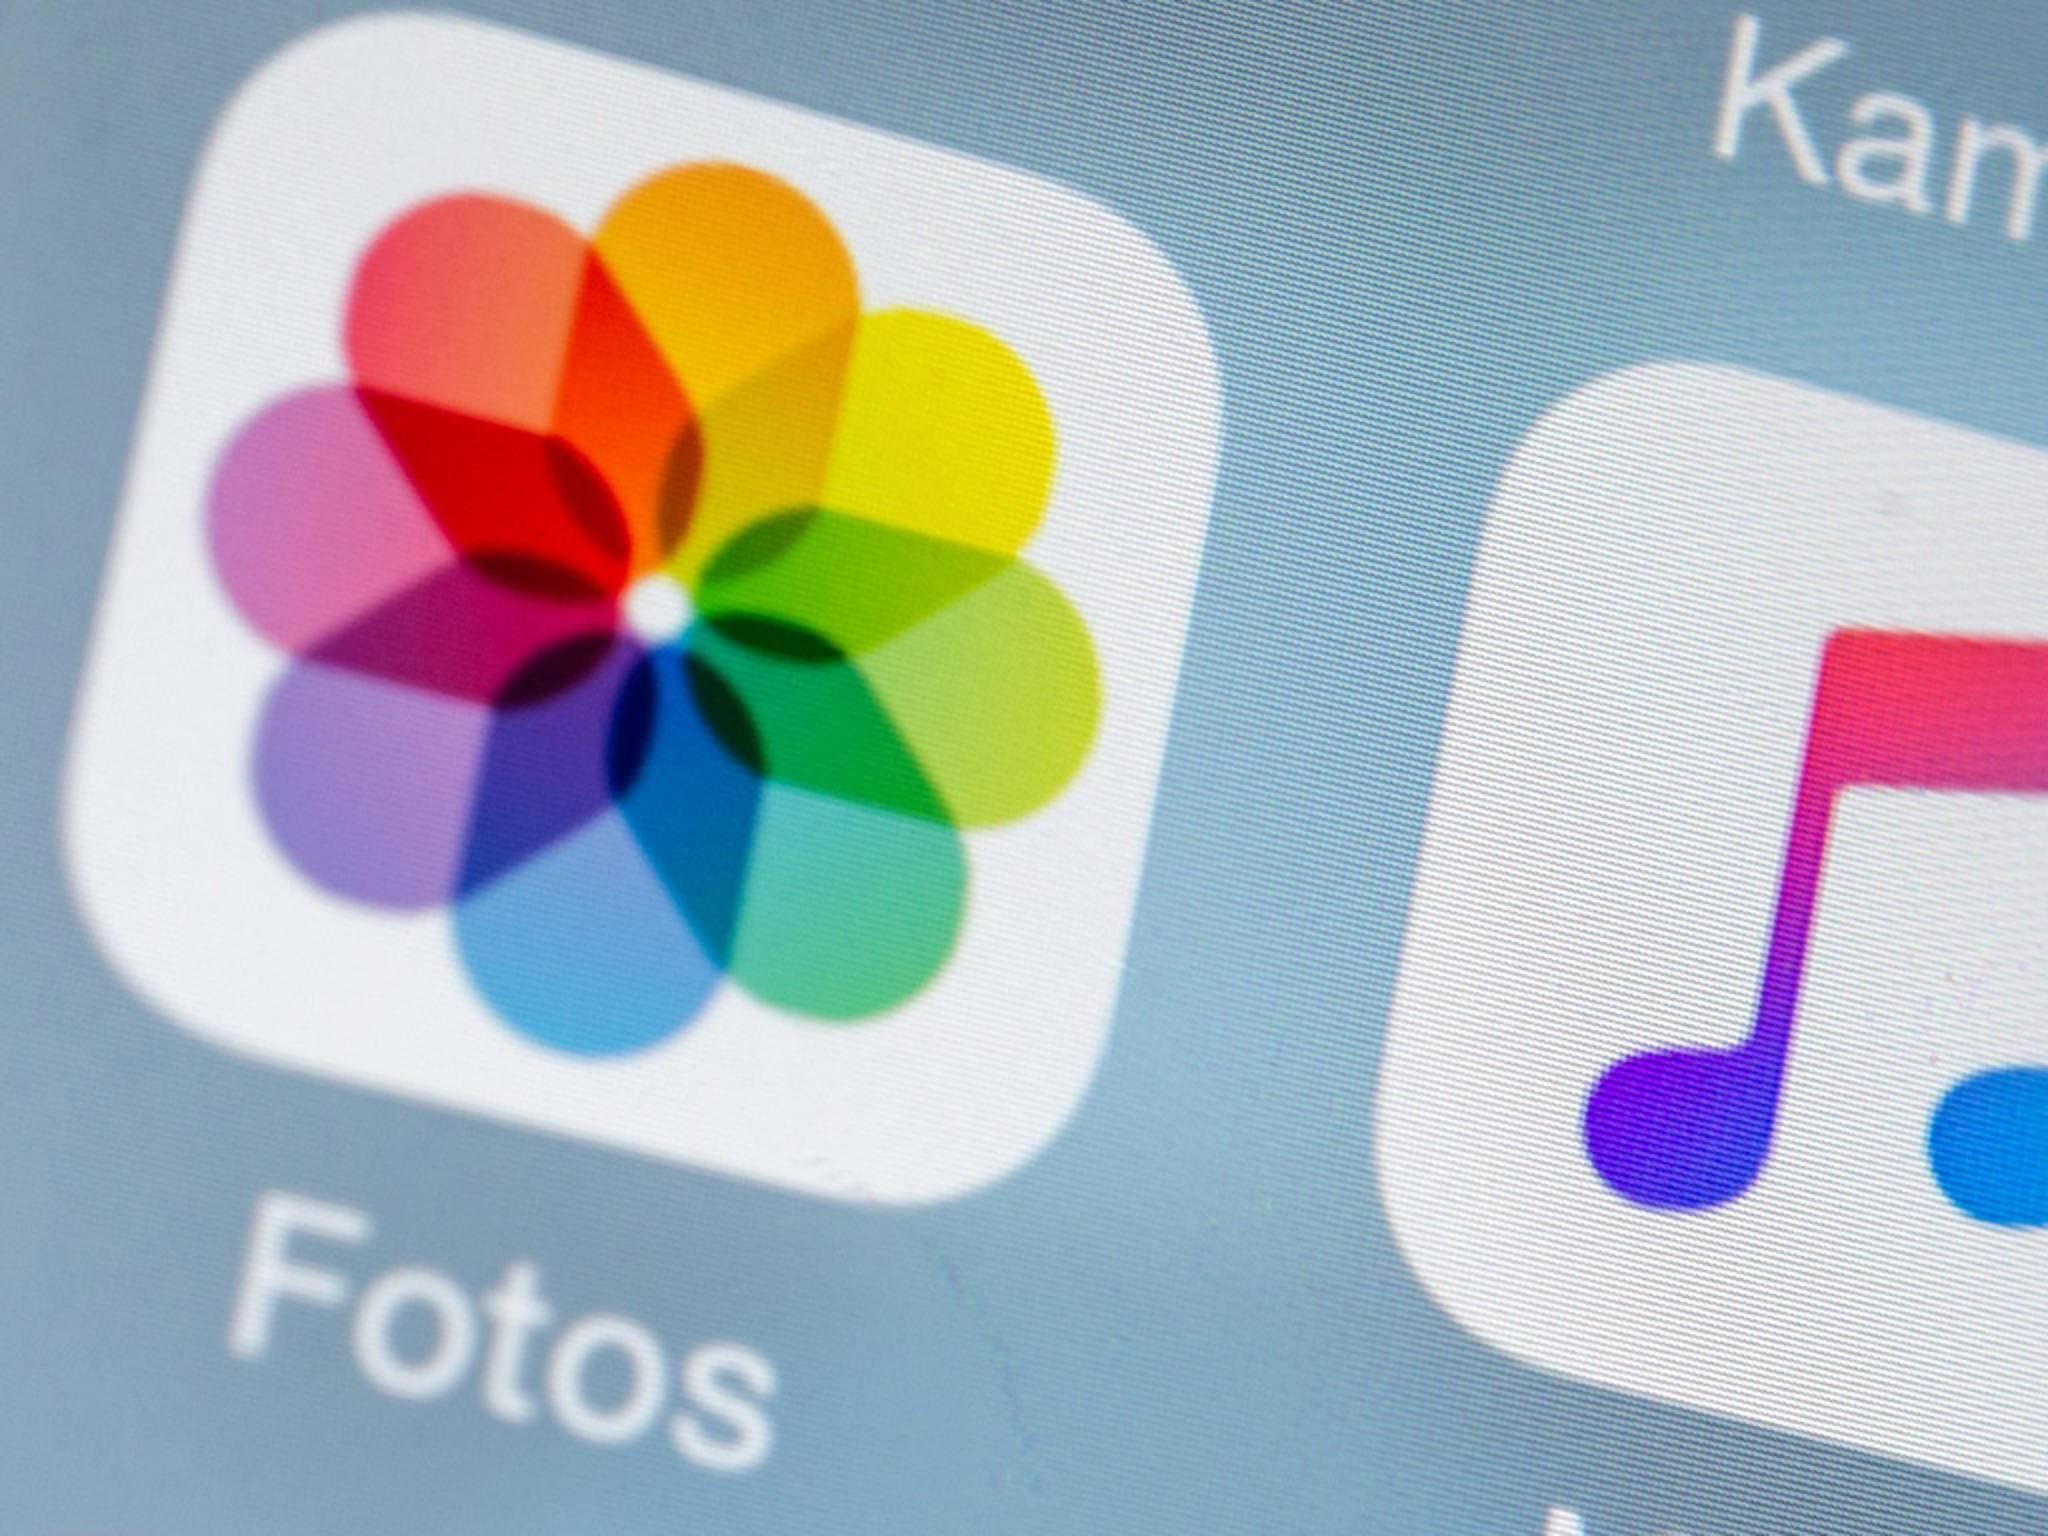 Ein Bug in iOS 9.3.2 ermöglicht es, unbegrenzt in Fotos reinzuzoomen.